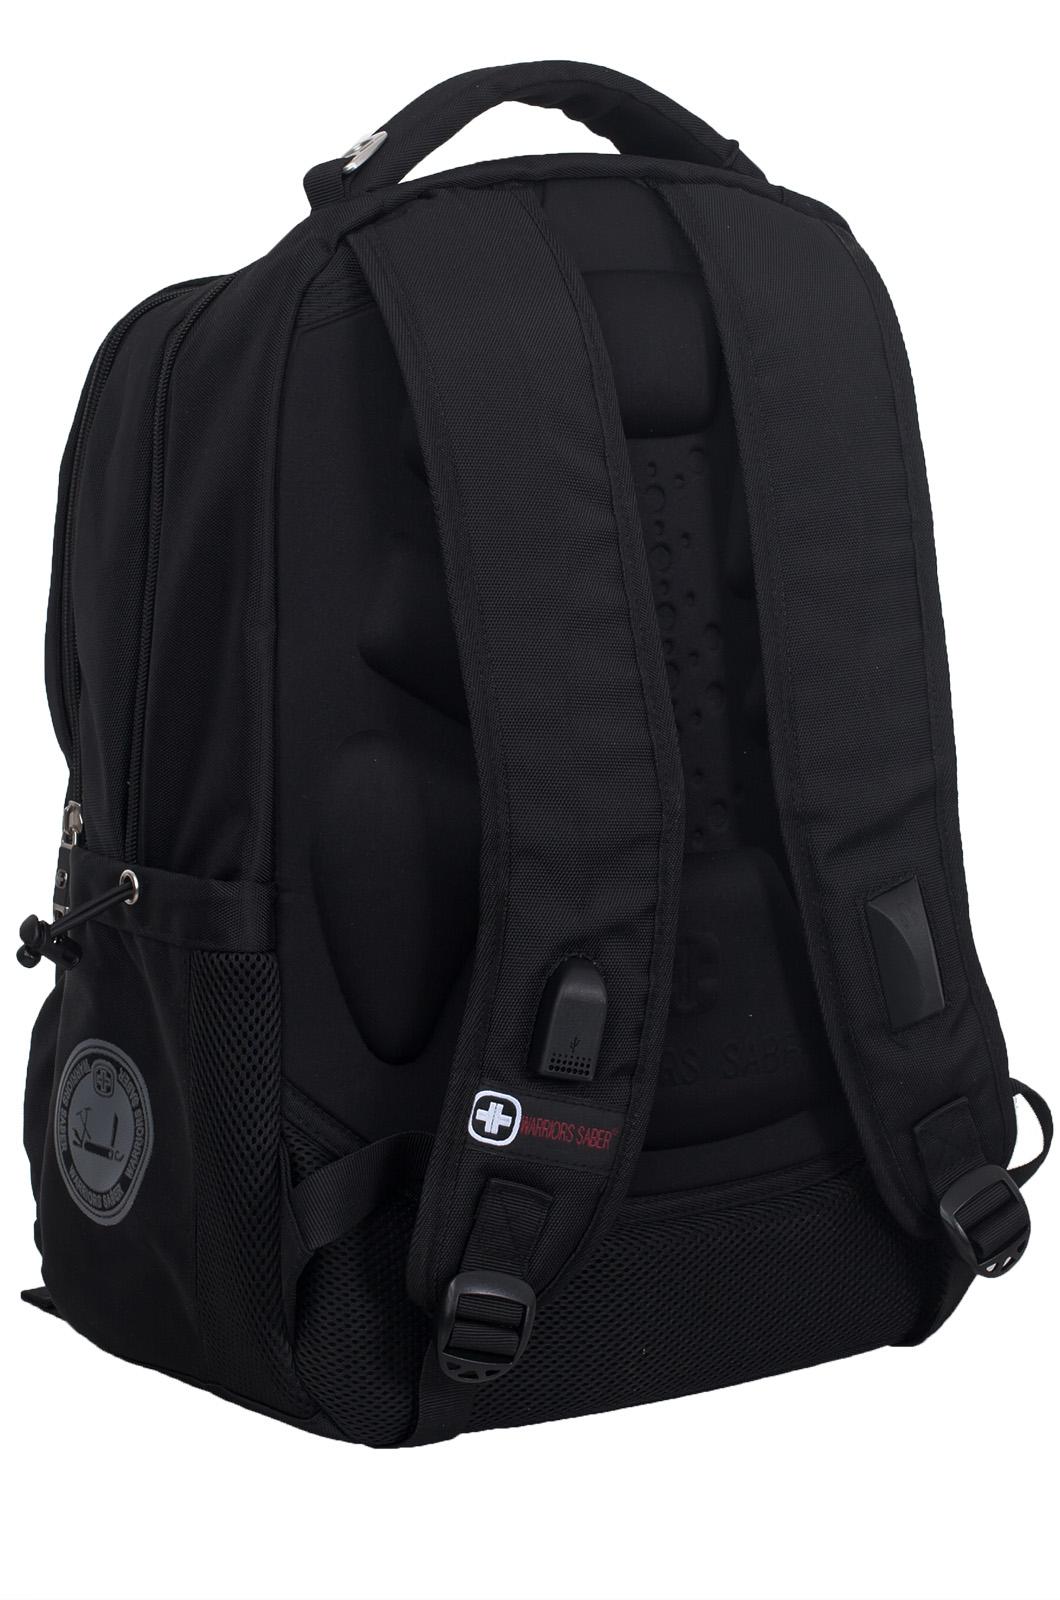 Купить стильный черный рюкзак ПОГРАНВОЙСКА с доставкой онлайн